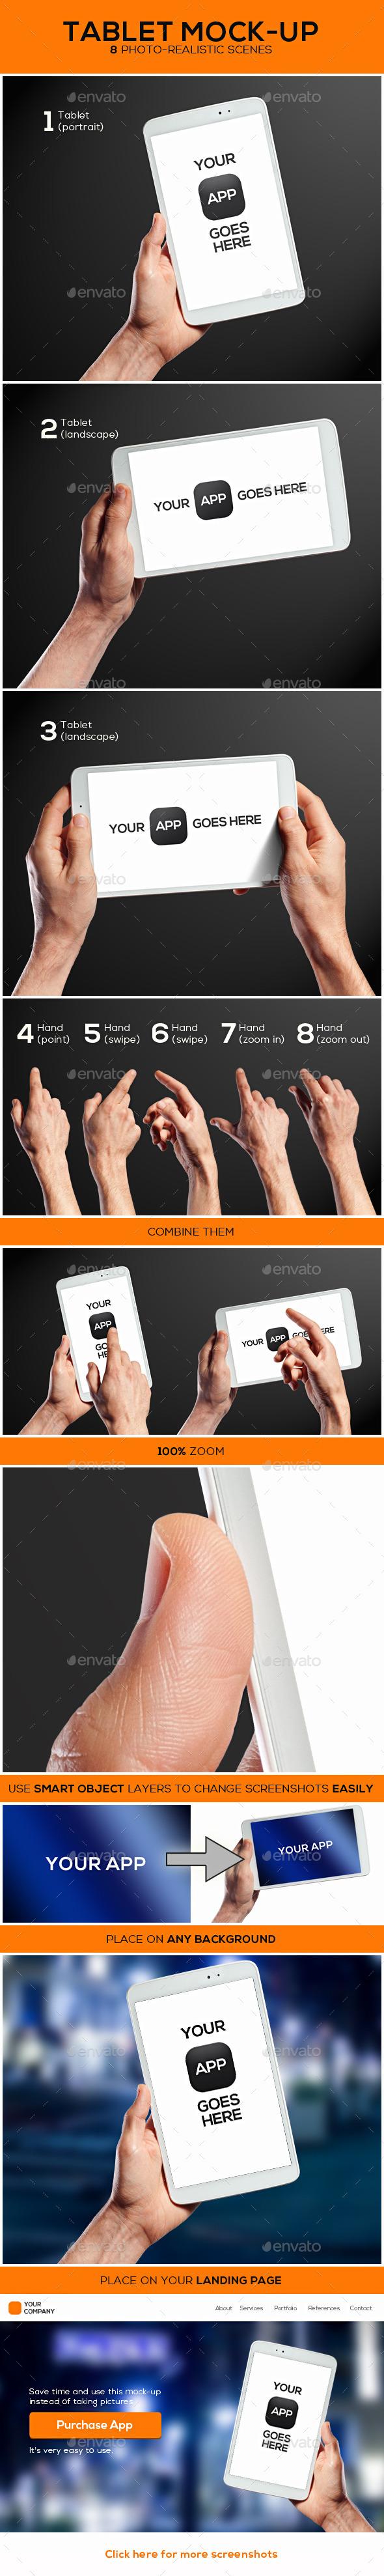 Tablet Mock-up - Mobile Displays